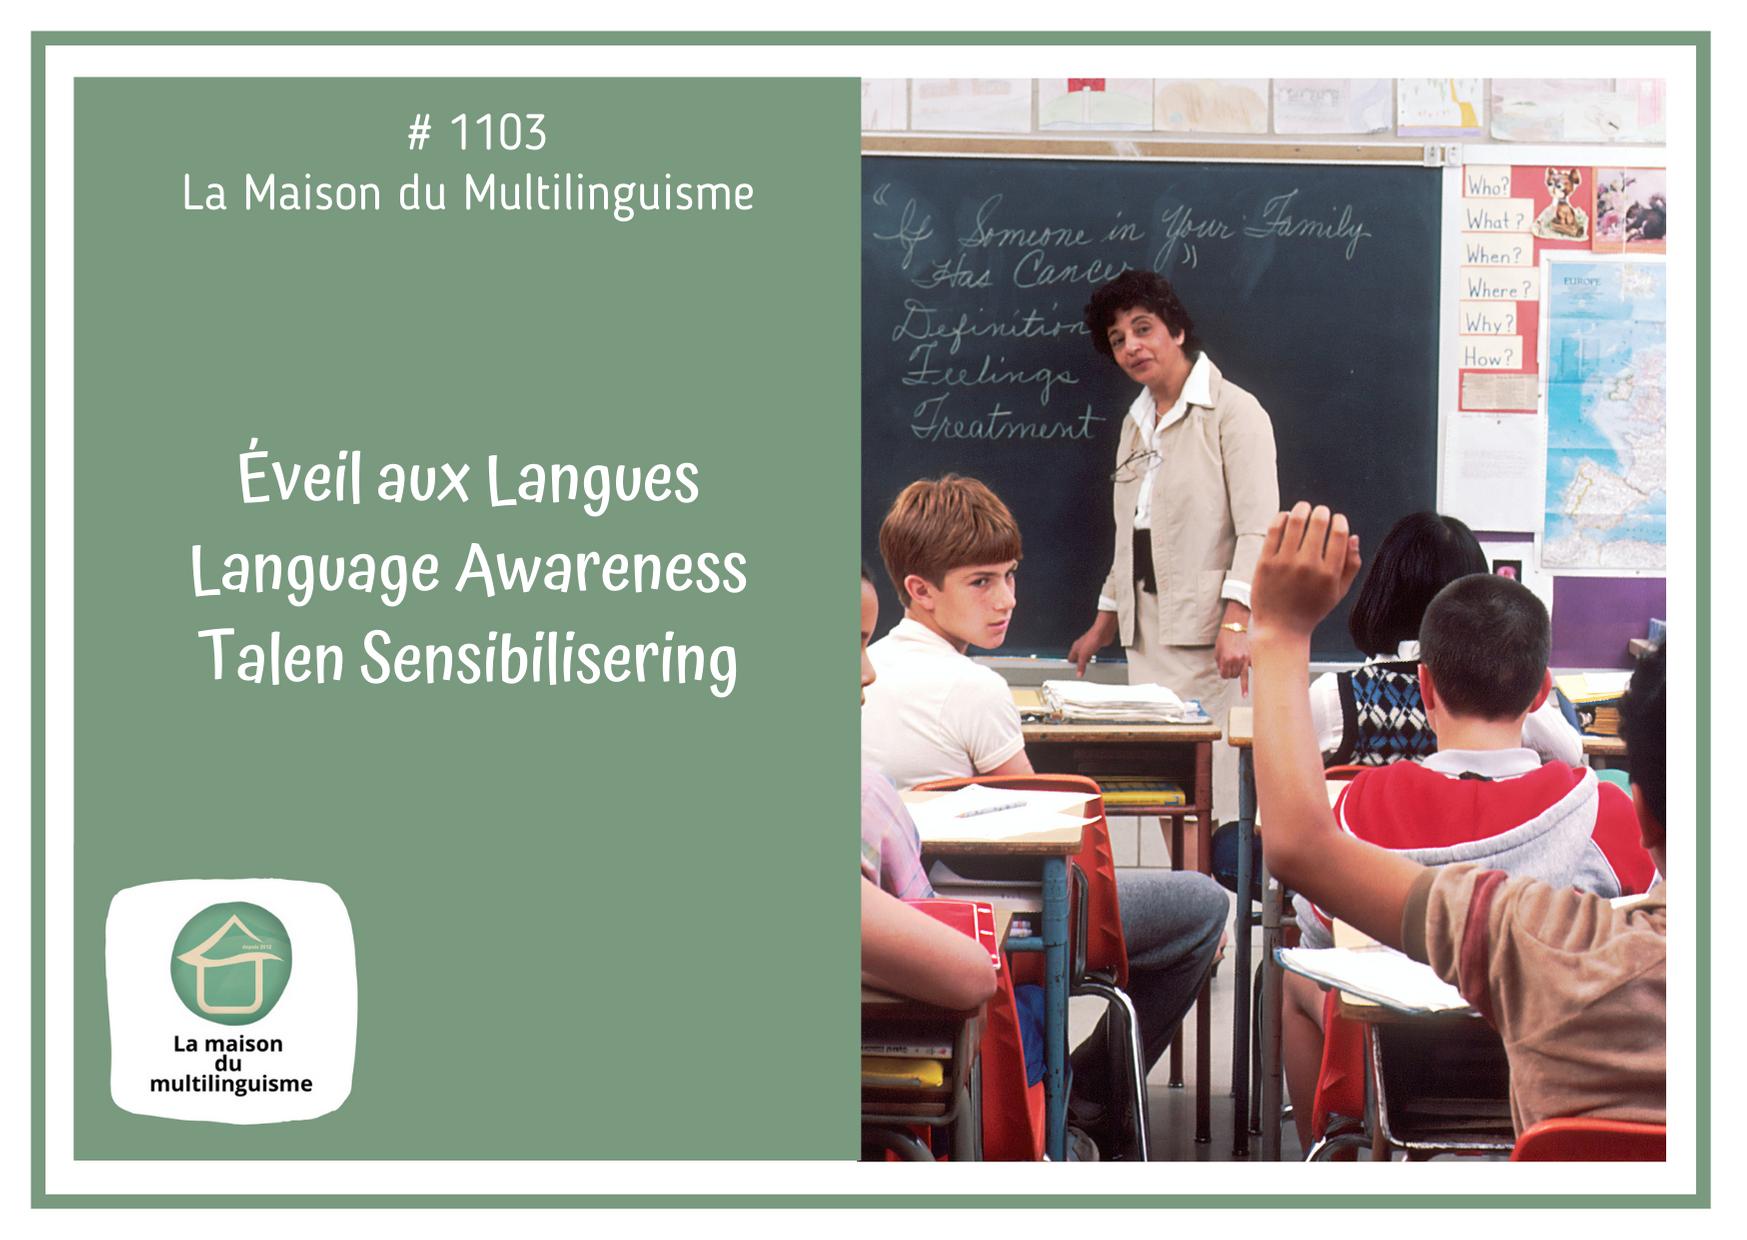 Éveil aux Langues / Language Awareness / Talen sensibilisering